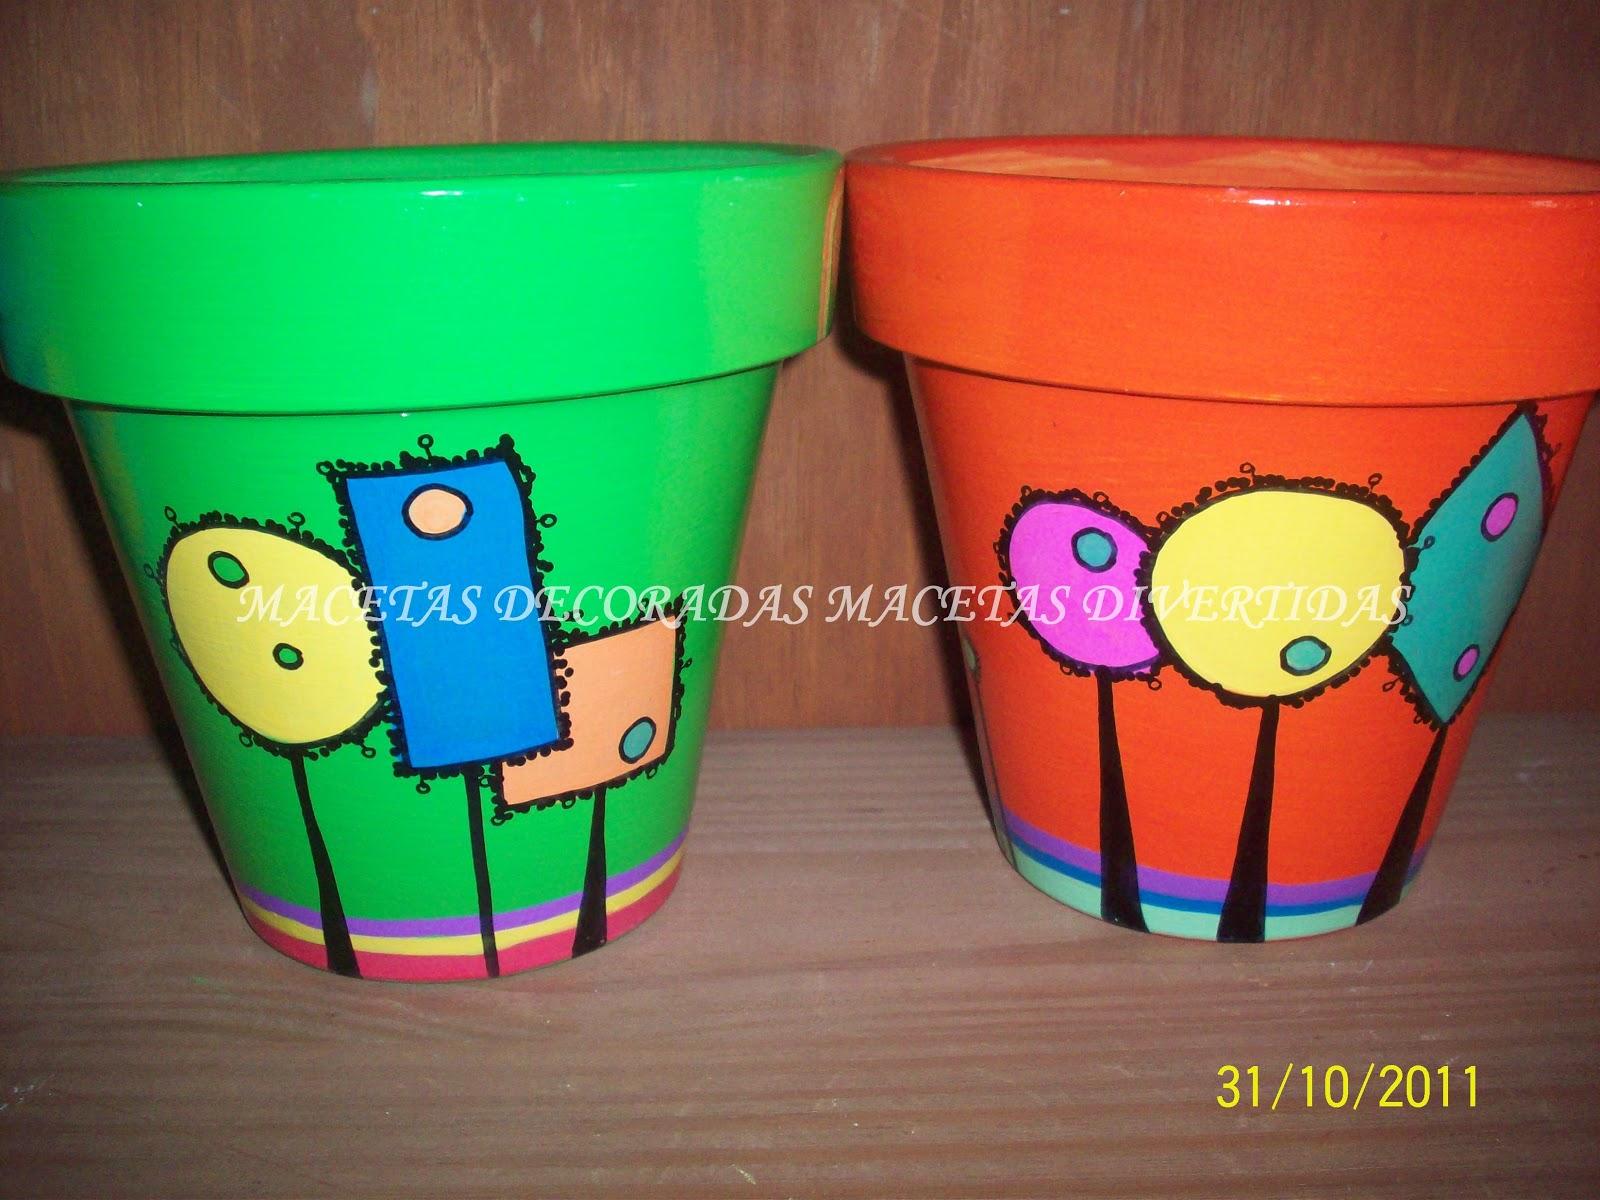 Macetas decoradas macetas divertidas - Macetas de colores ...